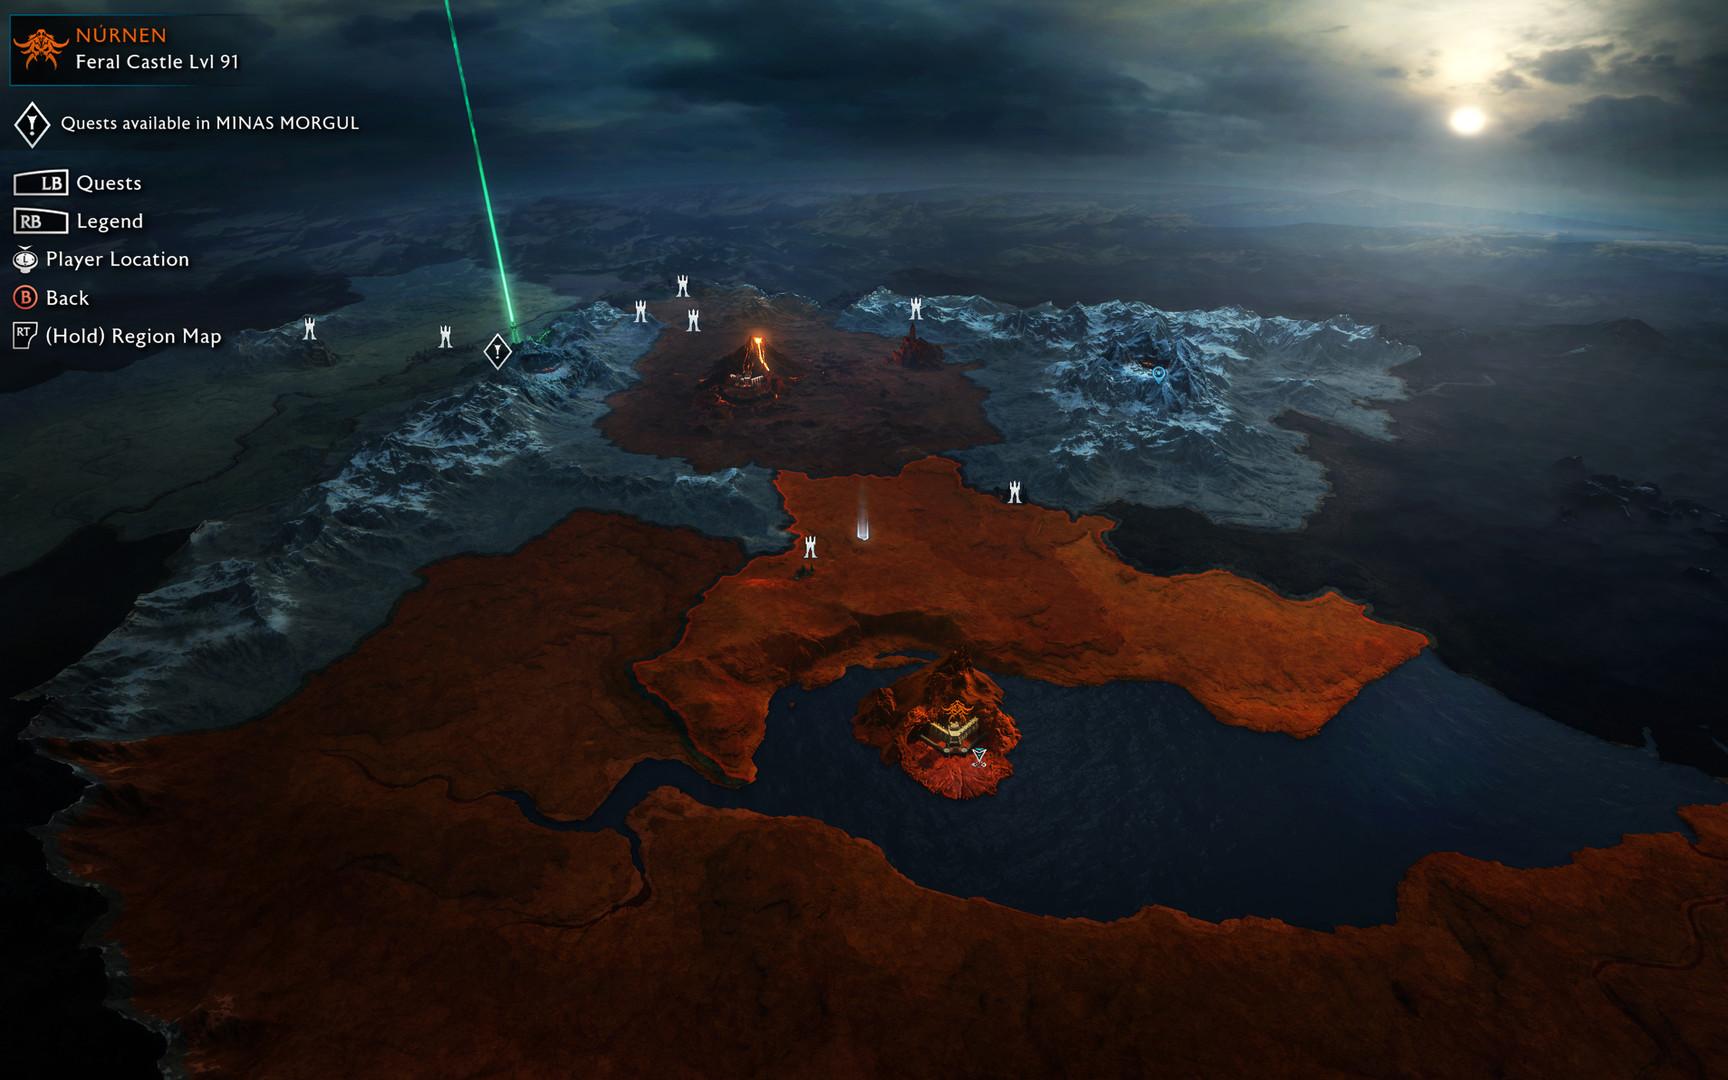 middle_earth_shadow_of_war-6.jpg - -